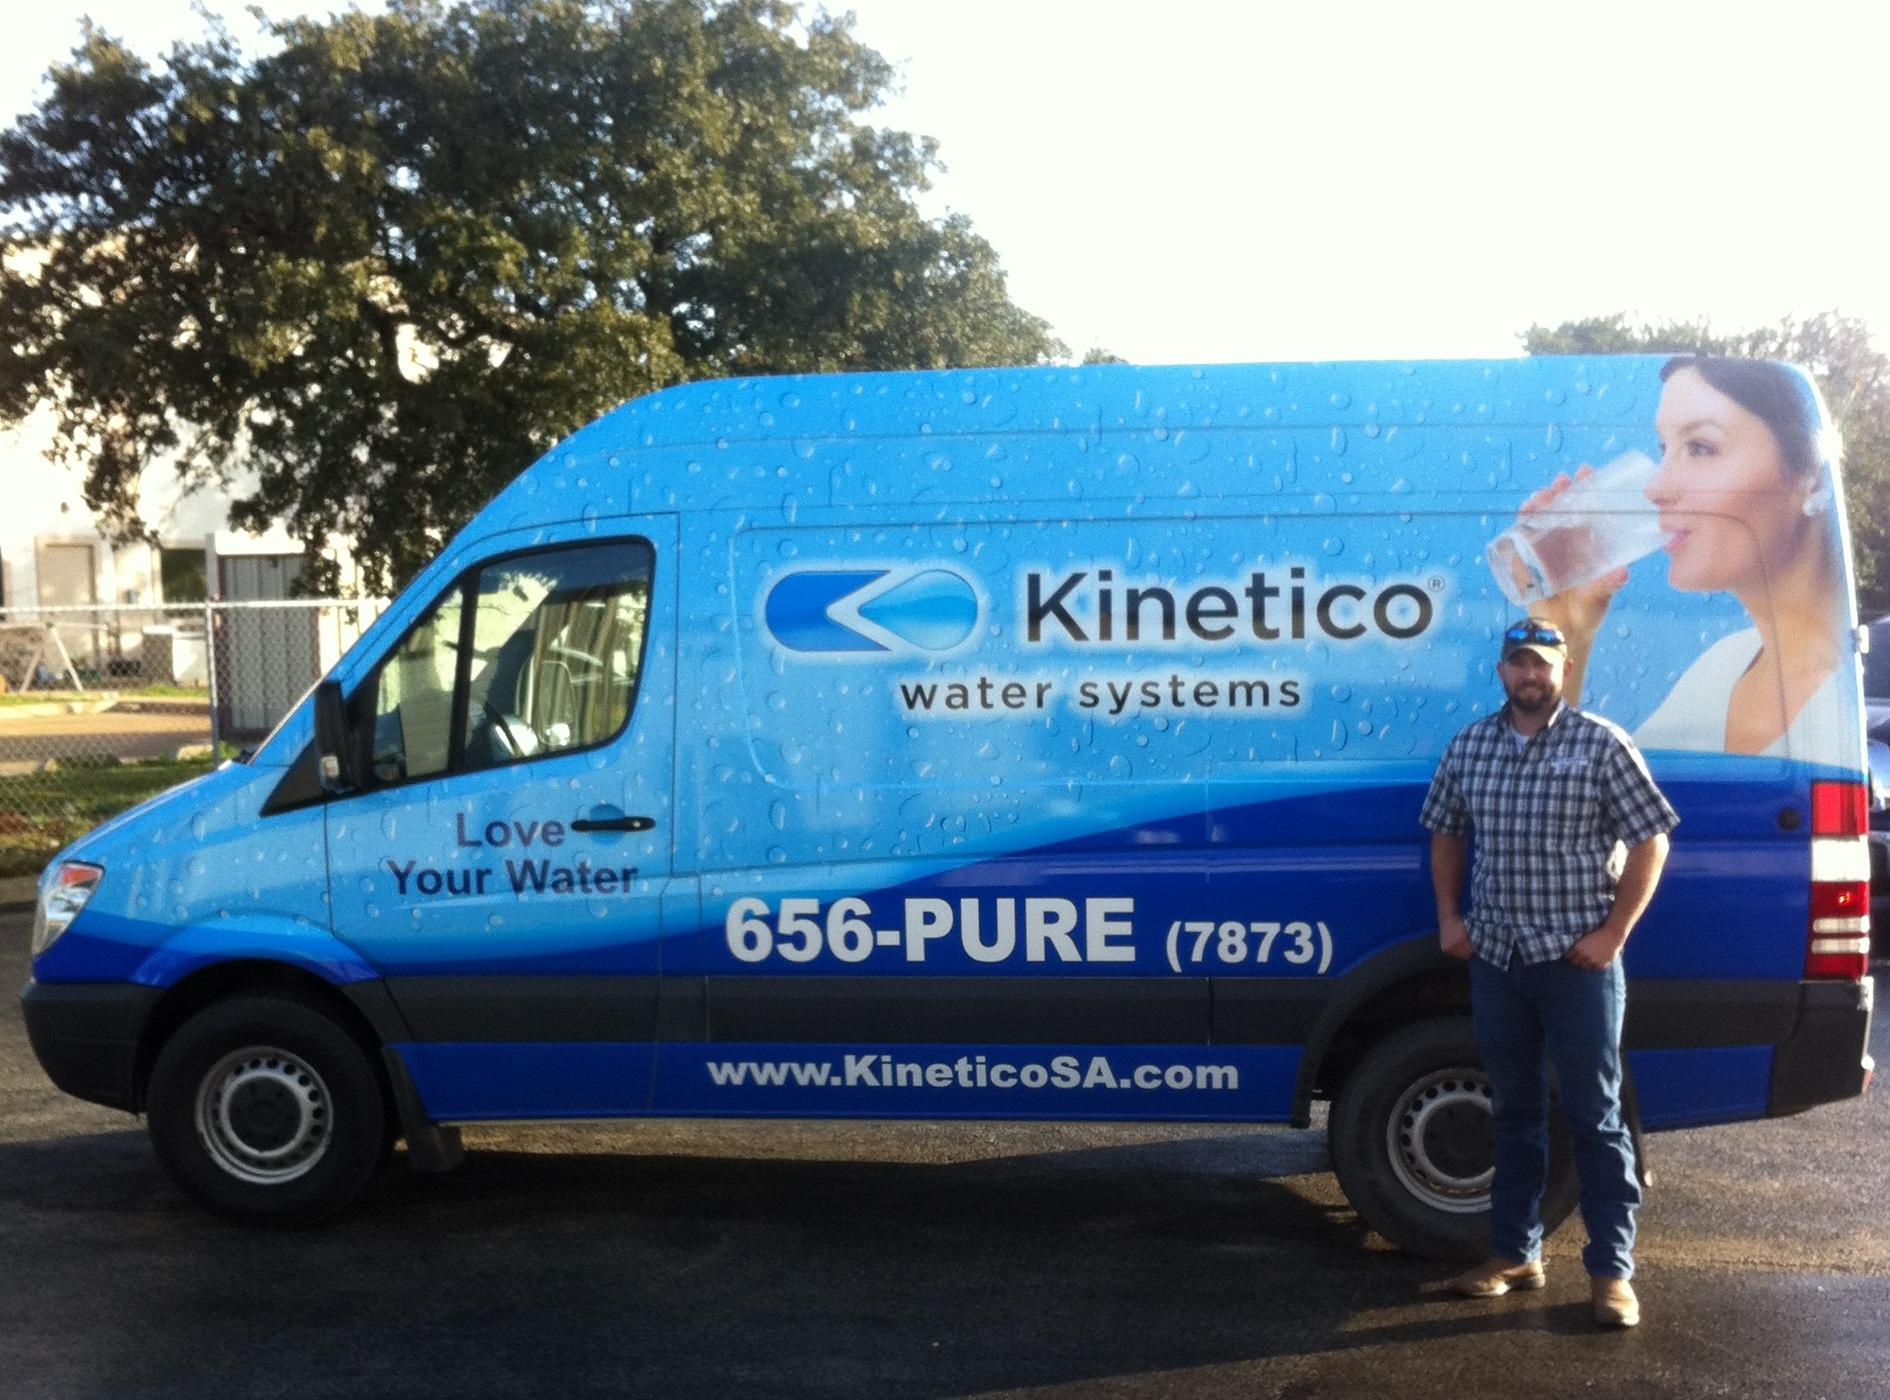 Kinetico San Antonio